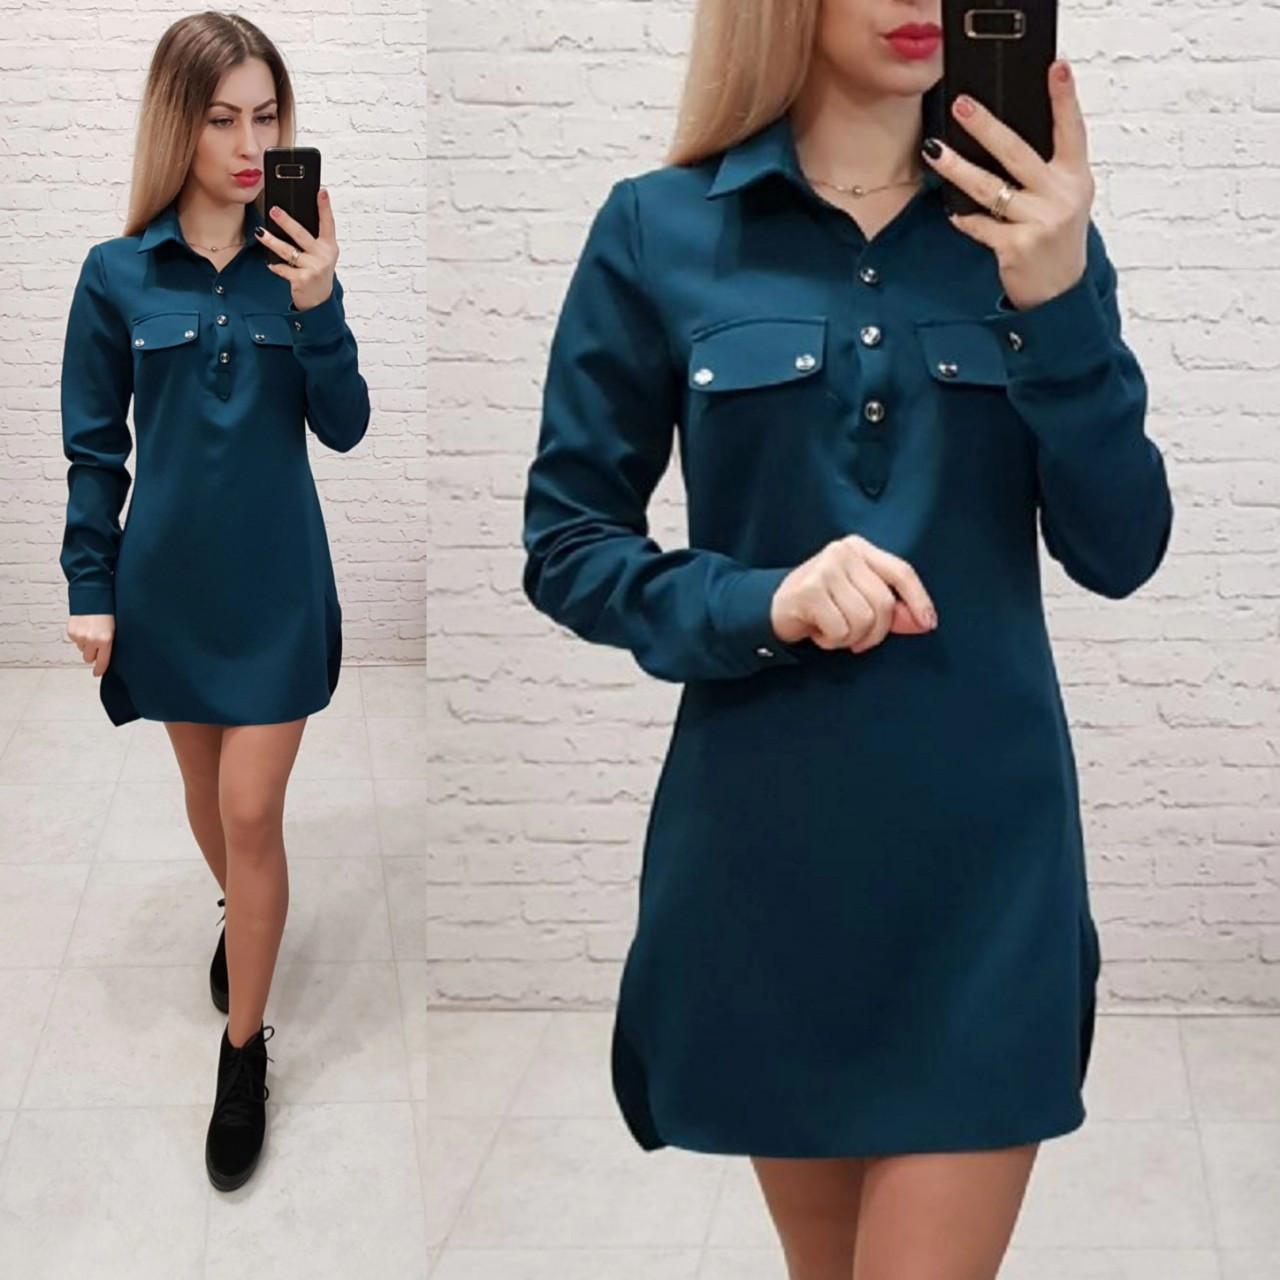 Сукня-сорочка, креп, модель 825, в 6-ти кольорах